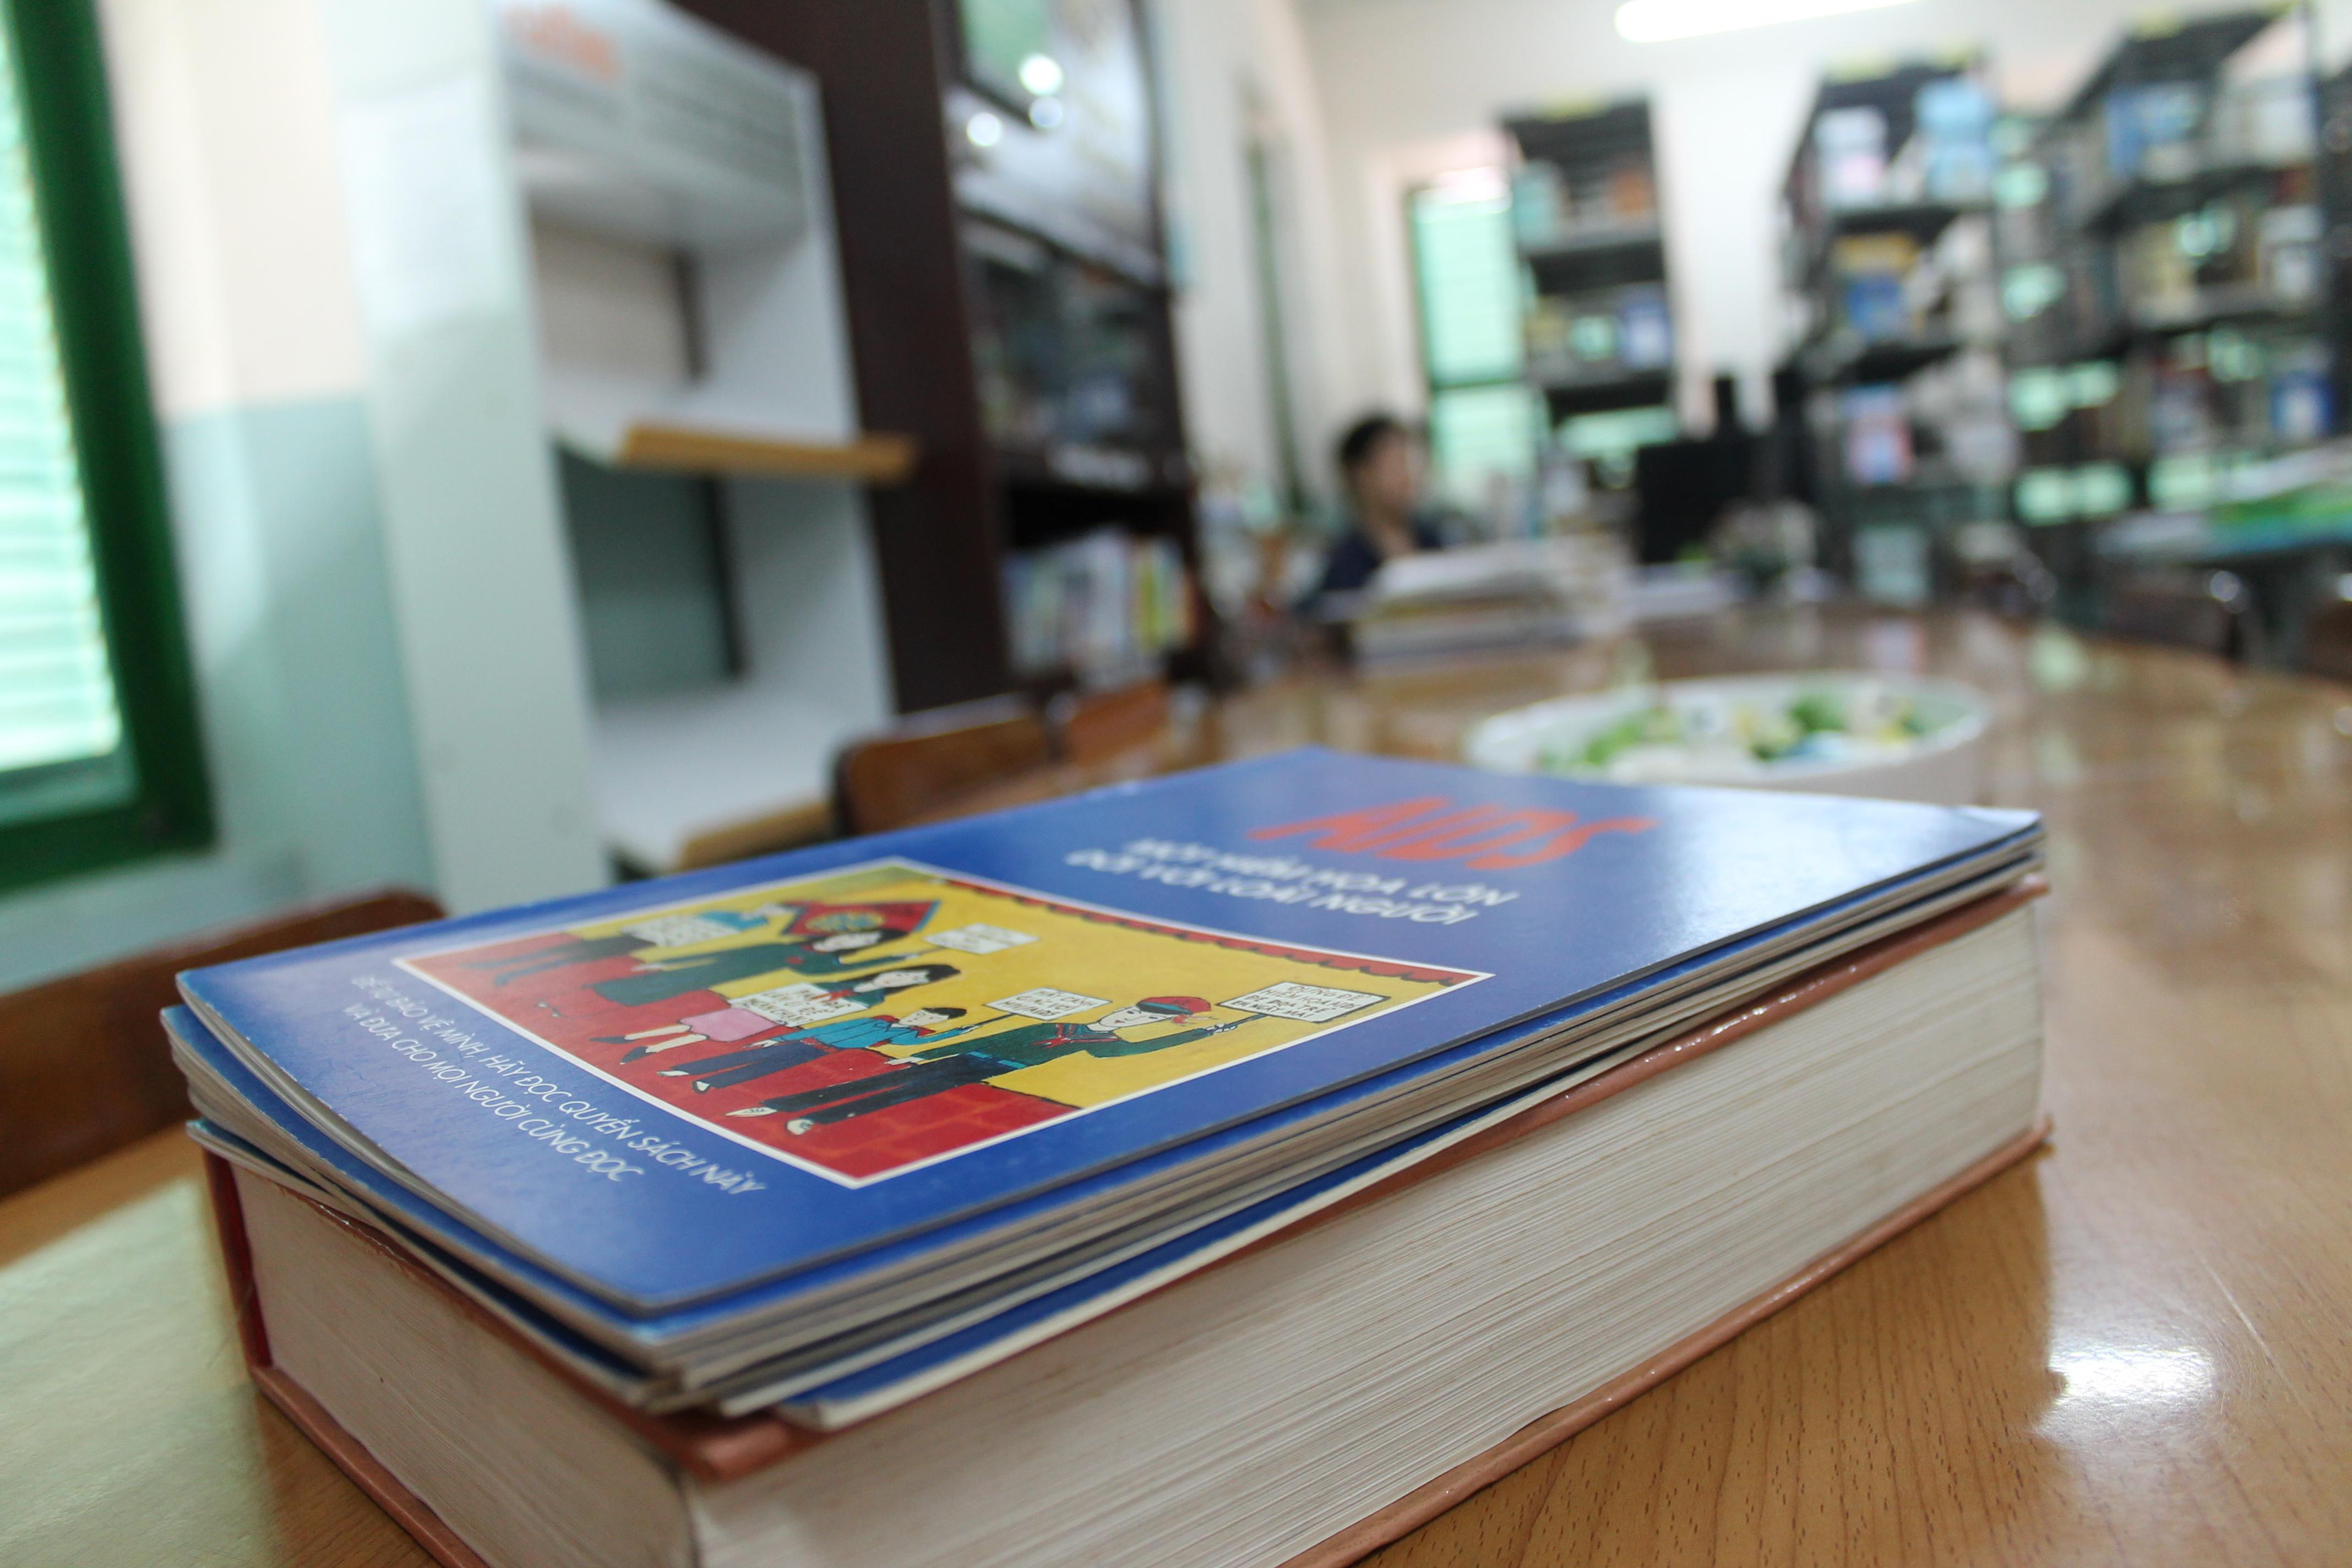 Thư mục sách Văn học Thiếu nhi Việt Nam năm học: 2018 - 2019